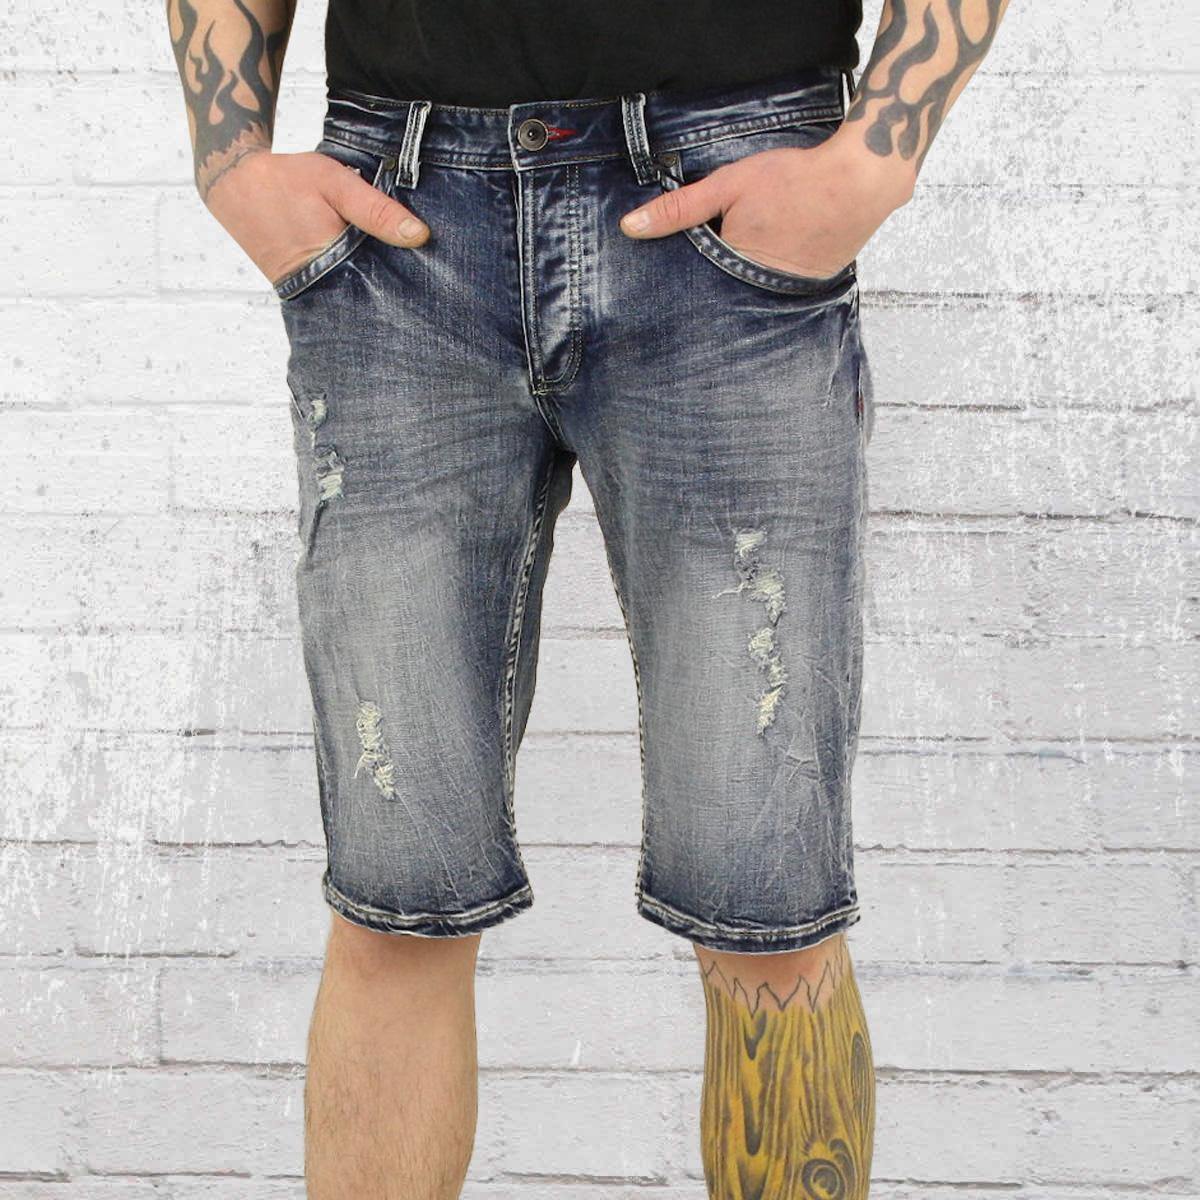 jetzt bestellen trueprodigy bent jeans short herren hellblau gewaschen krasse. Black Bedroom Furniture Sets. Home Design Ideas